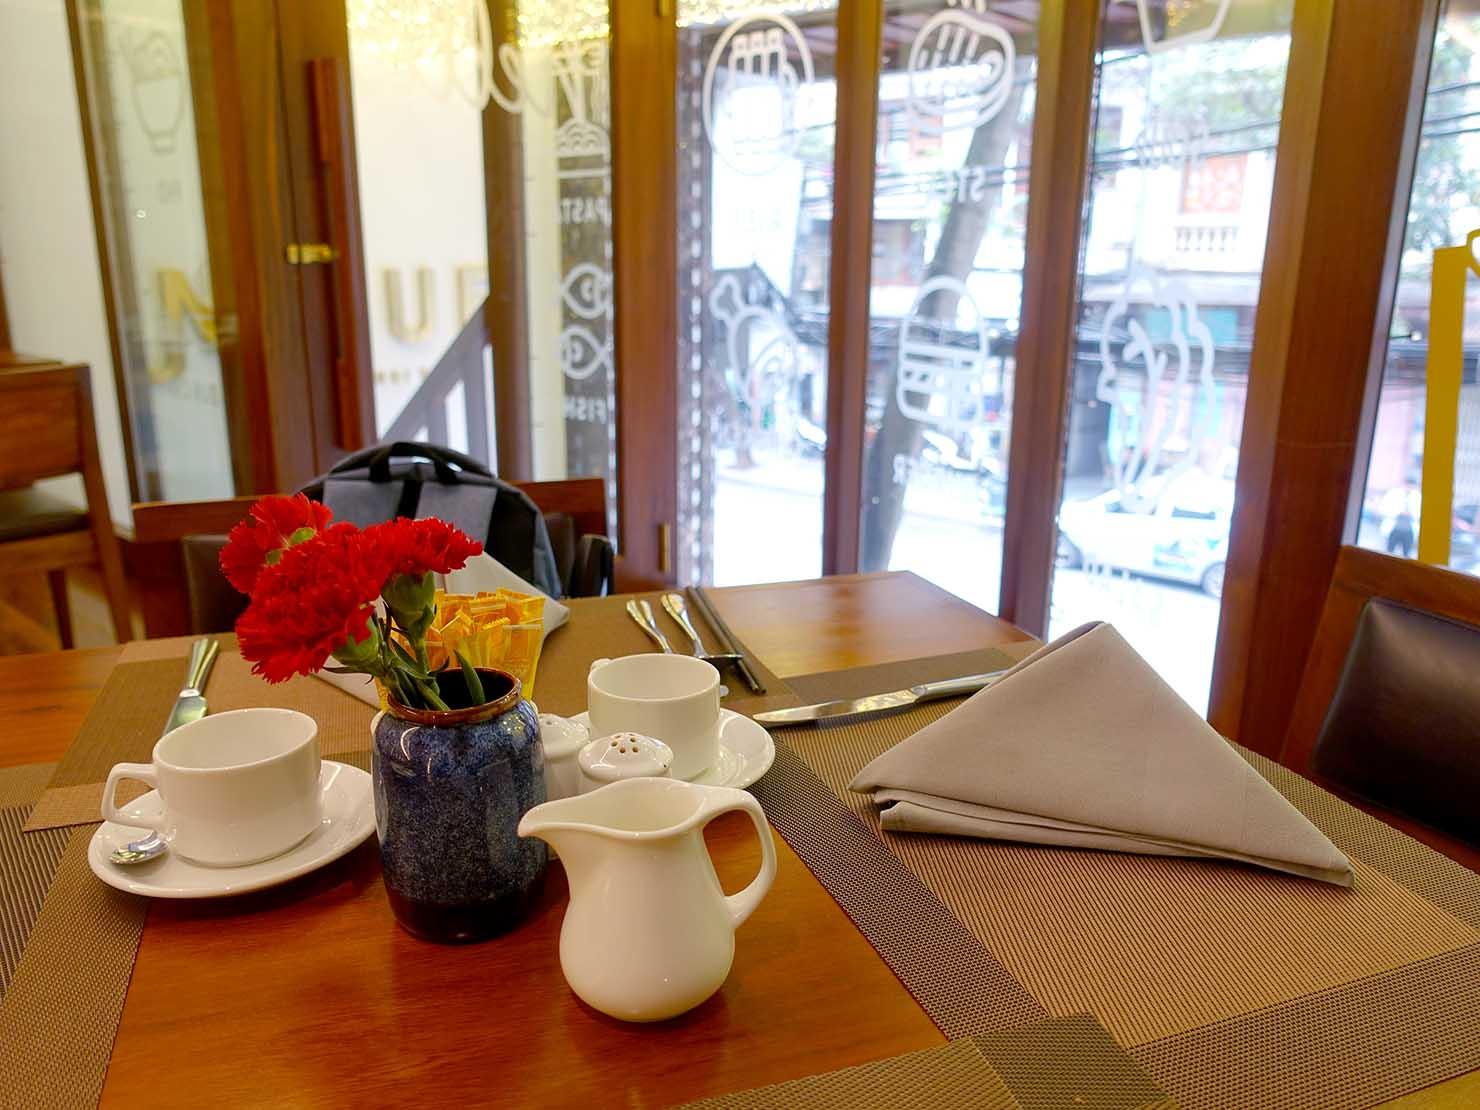 ハノイ旧市街ど真ん中の観光に便利なおすすめホテル「Hai Bay Hotel」2Fレストランのテーブル